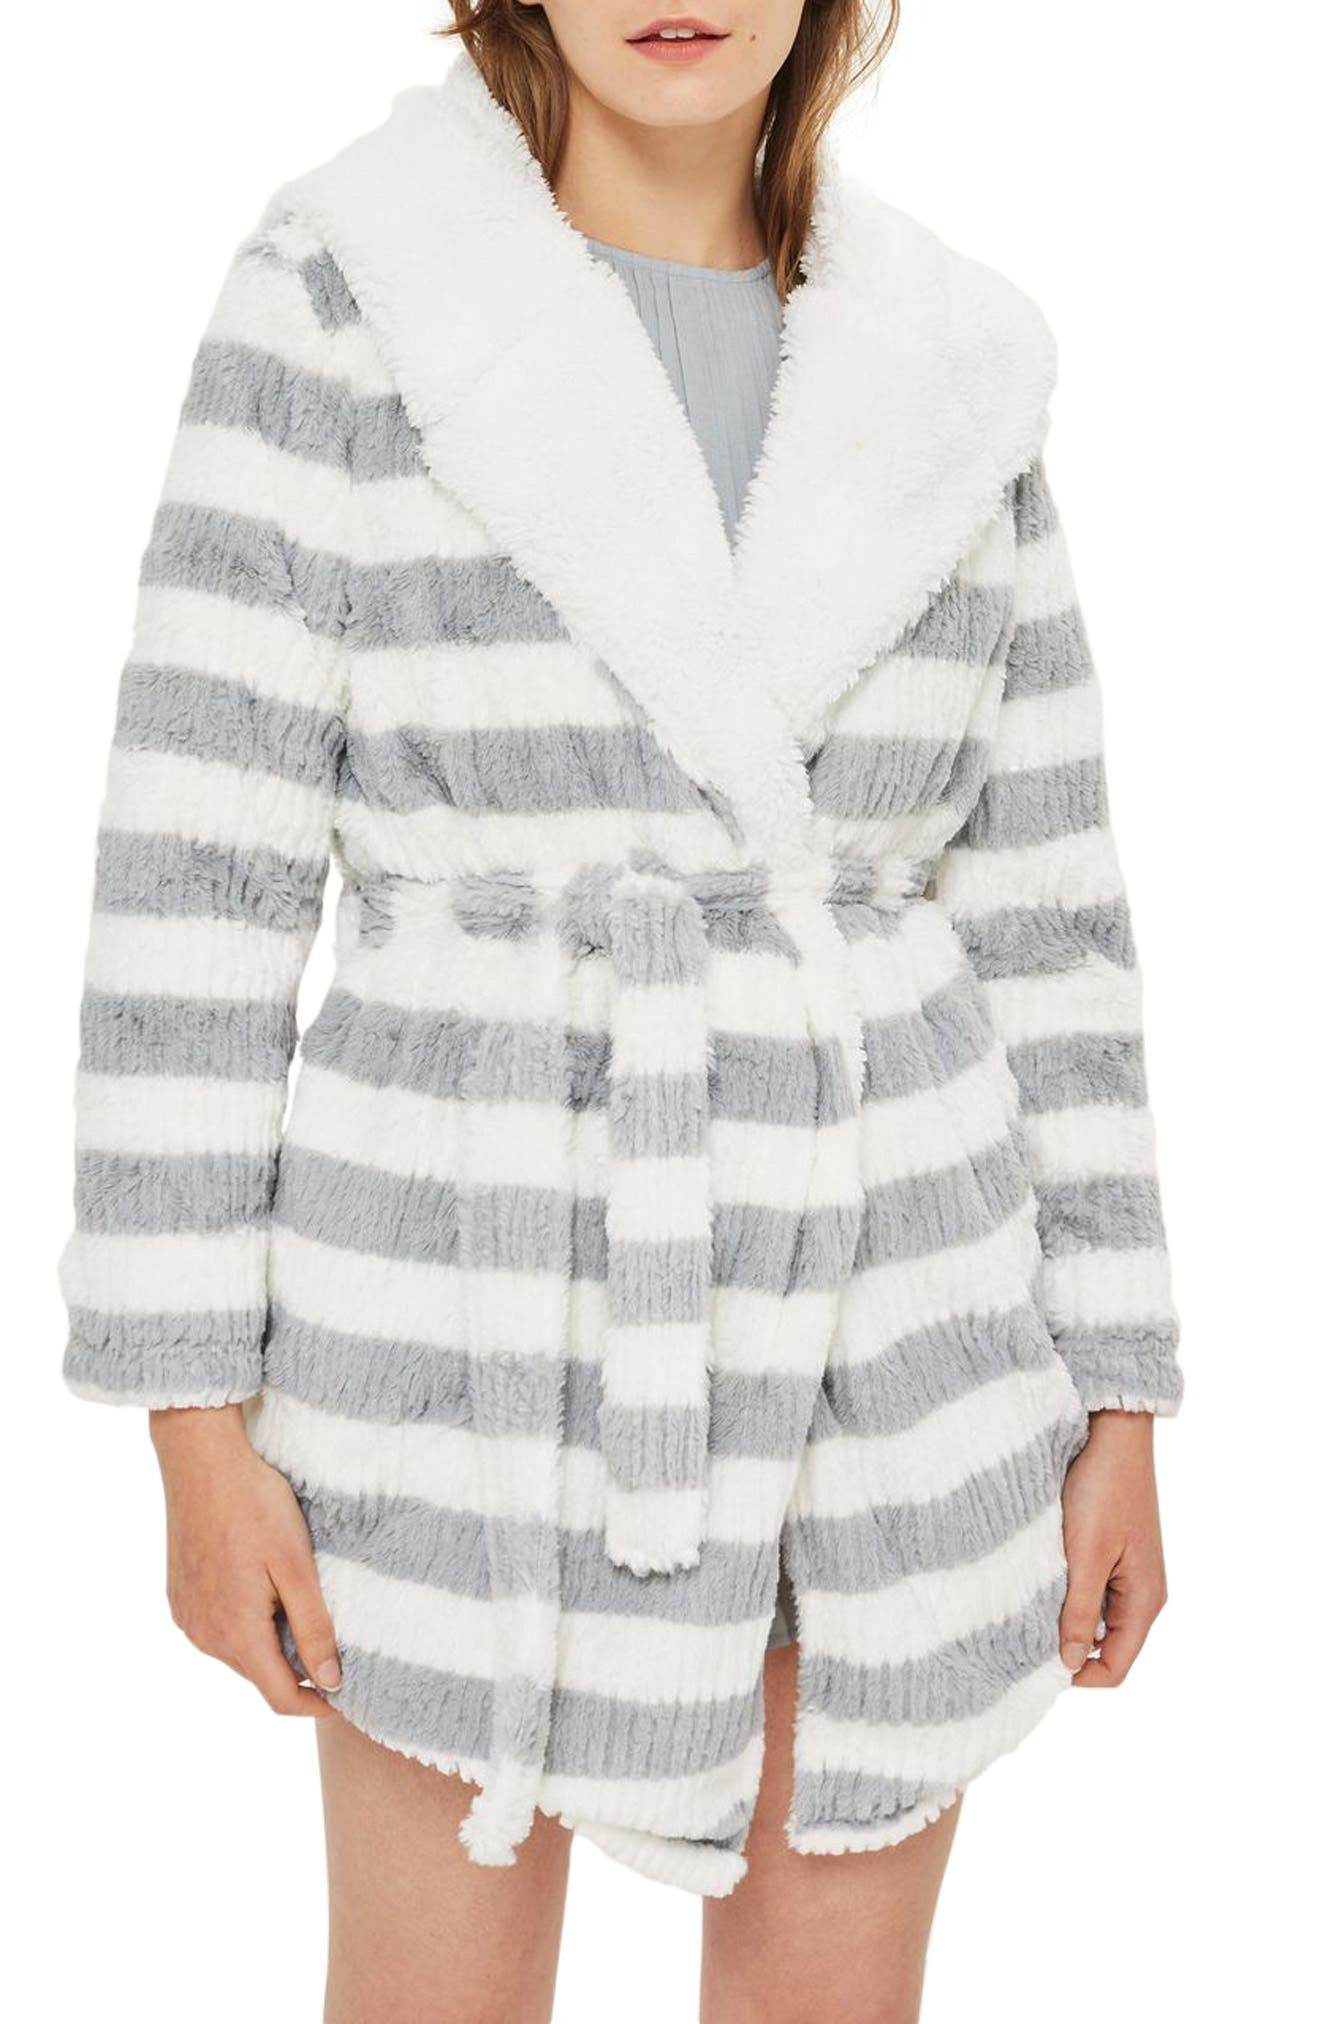 Stripe Short Robe,                             Main thumbnail 1, color,                             020